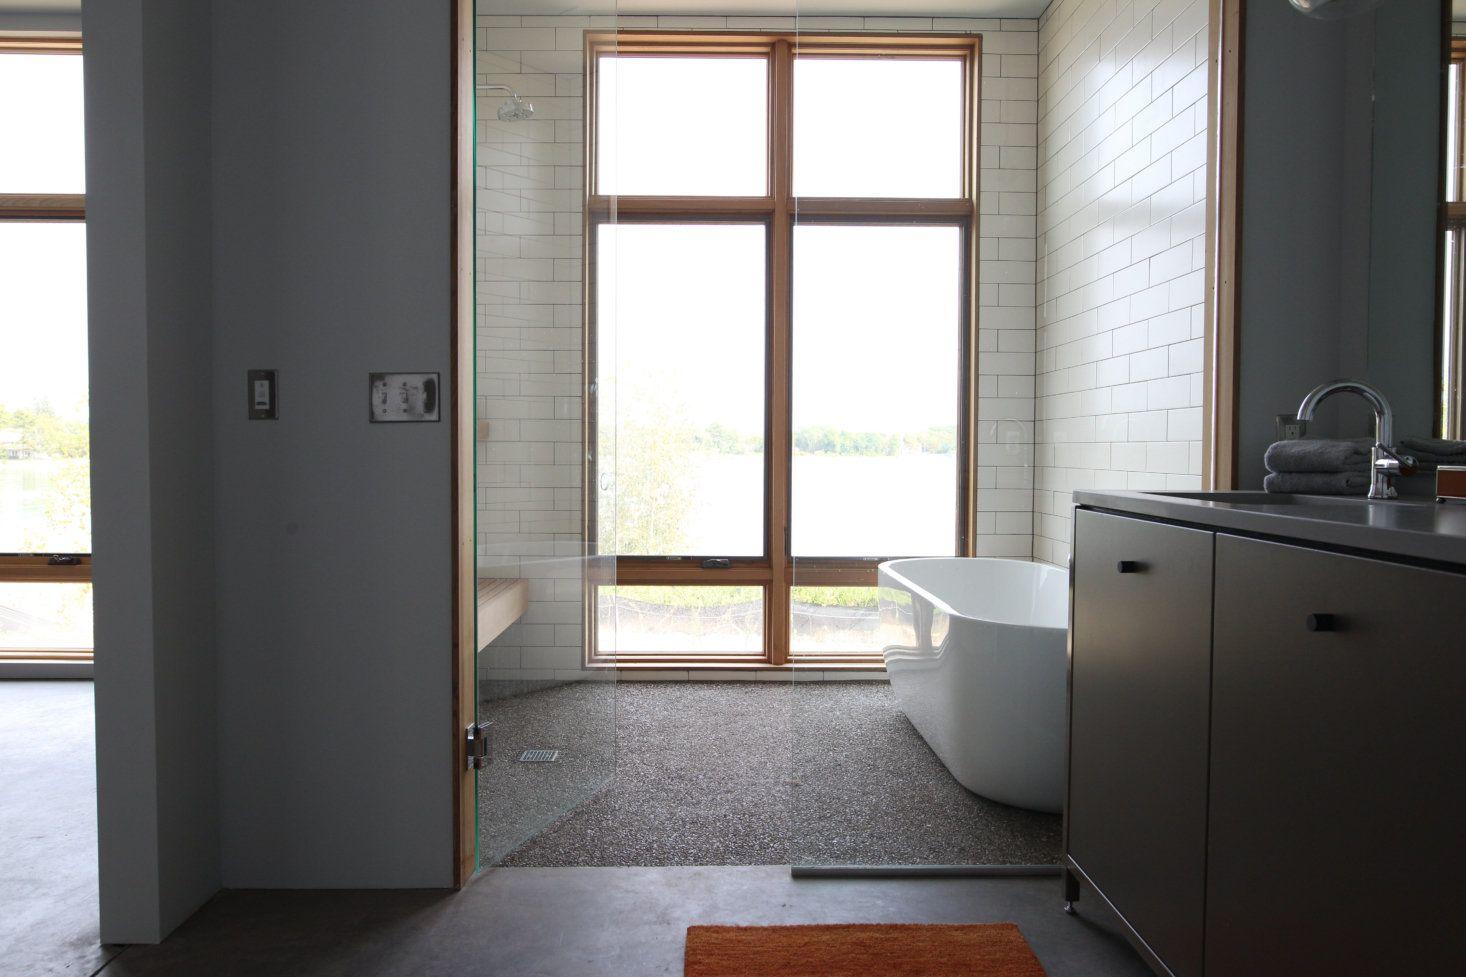 Fein Schrank Küchentüren Nur Home Depot Galerie - Küchenschrank ...